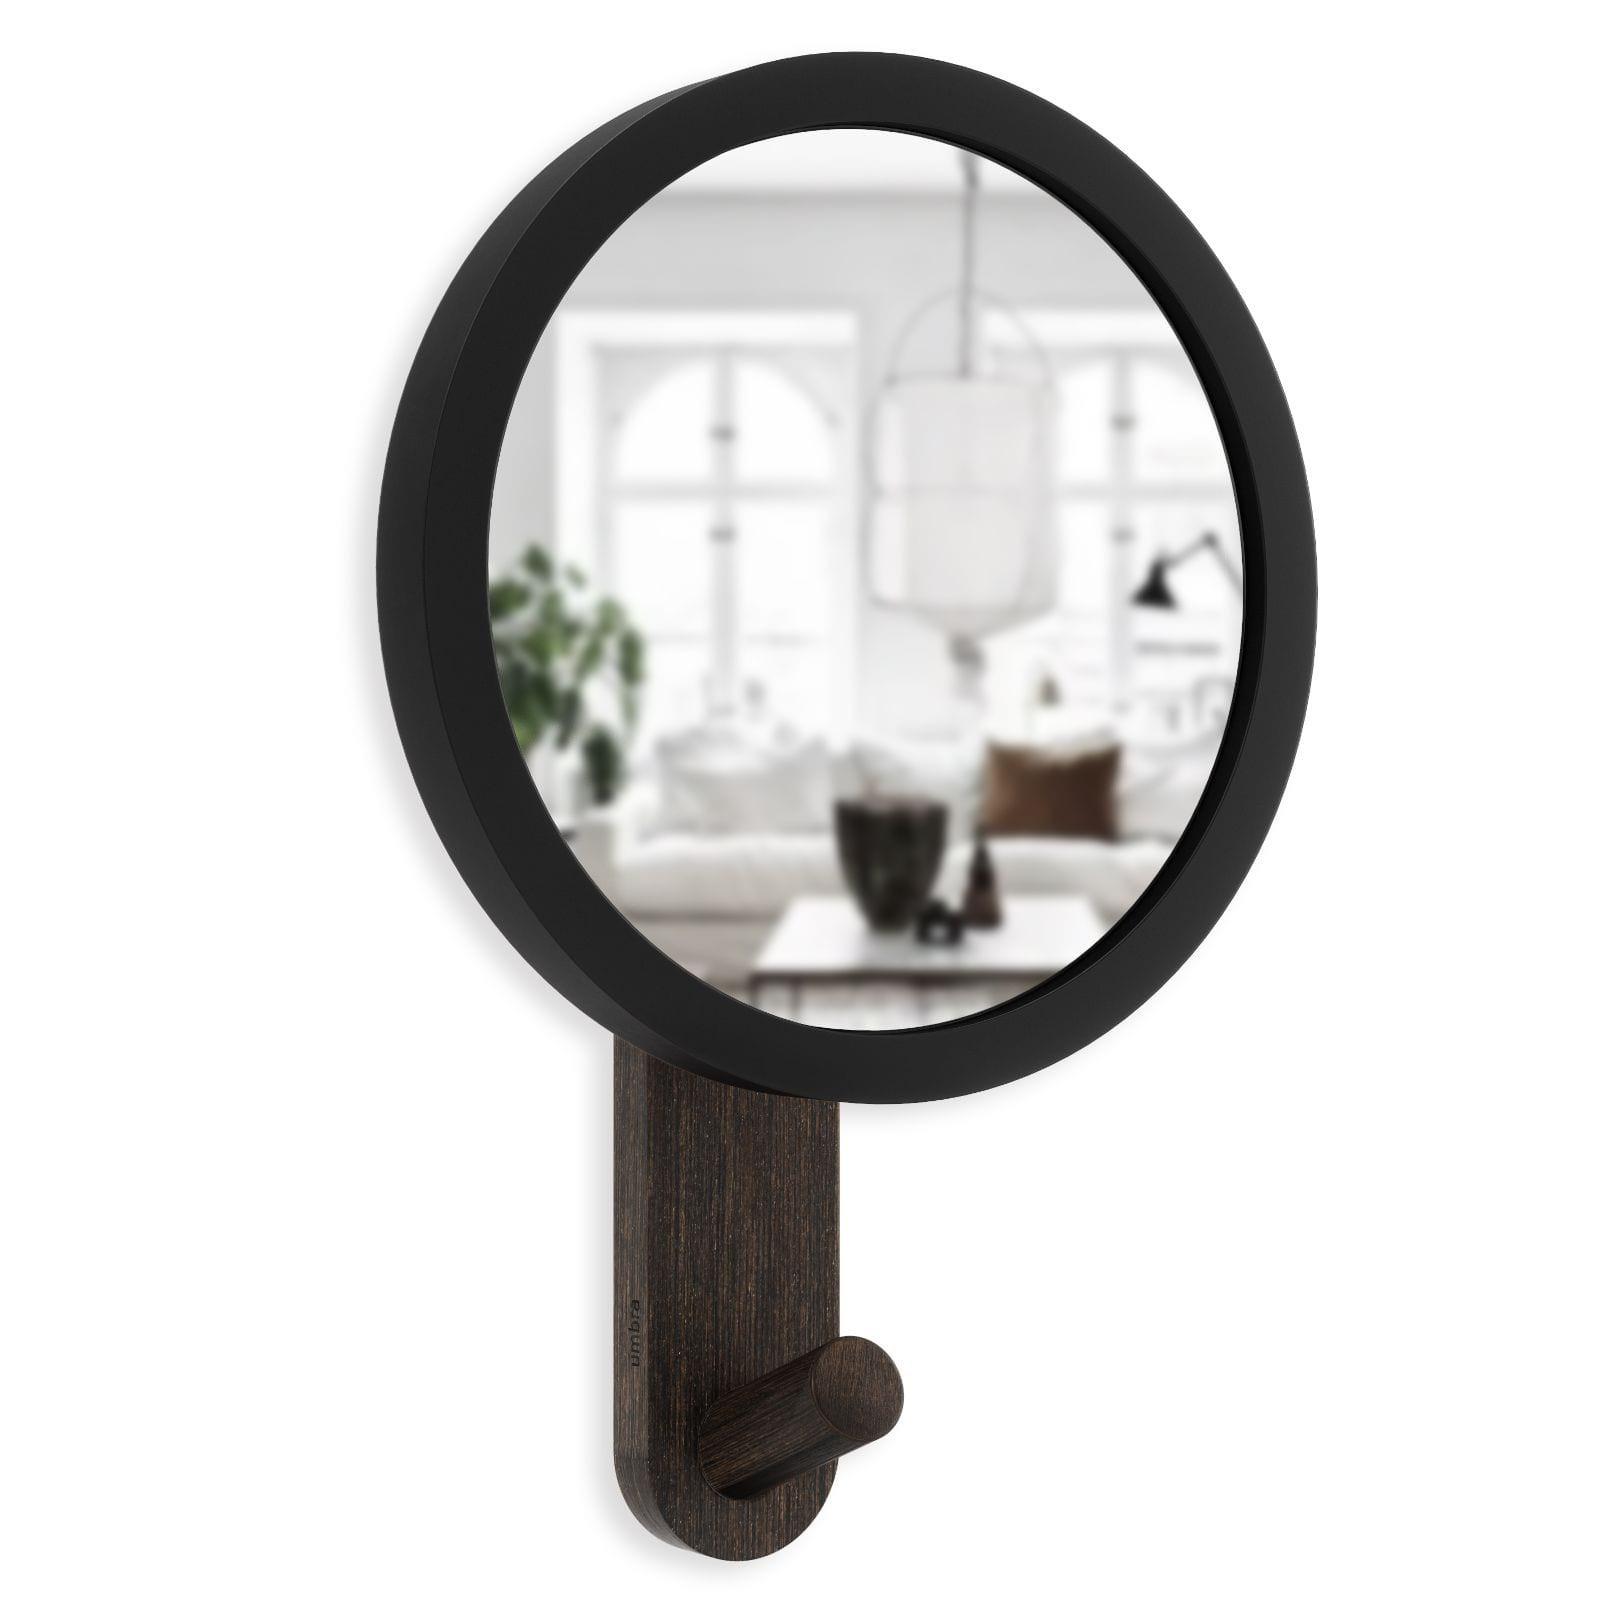 Κρεμάστρα Τοίχου με Καθρέφτη Hub Mirror (Μαύρο / Καρυδιά) - Umbra